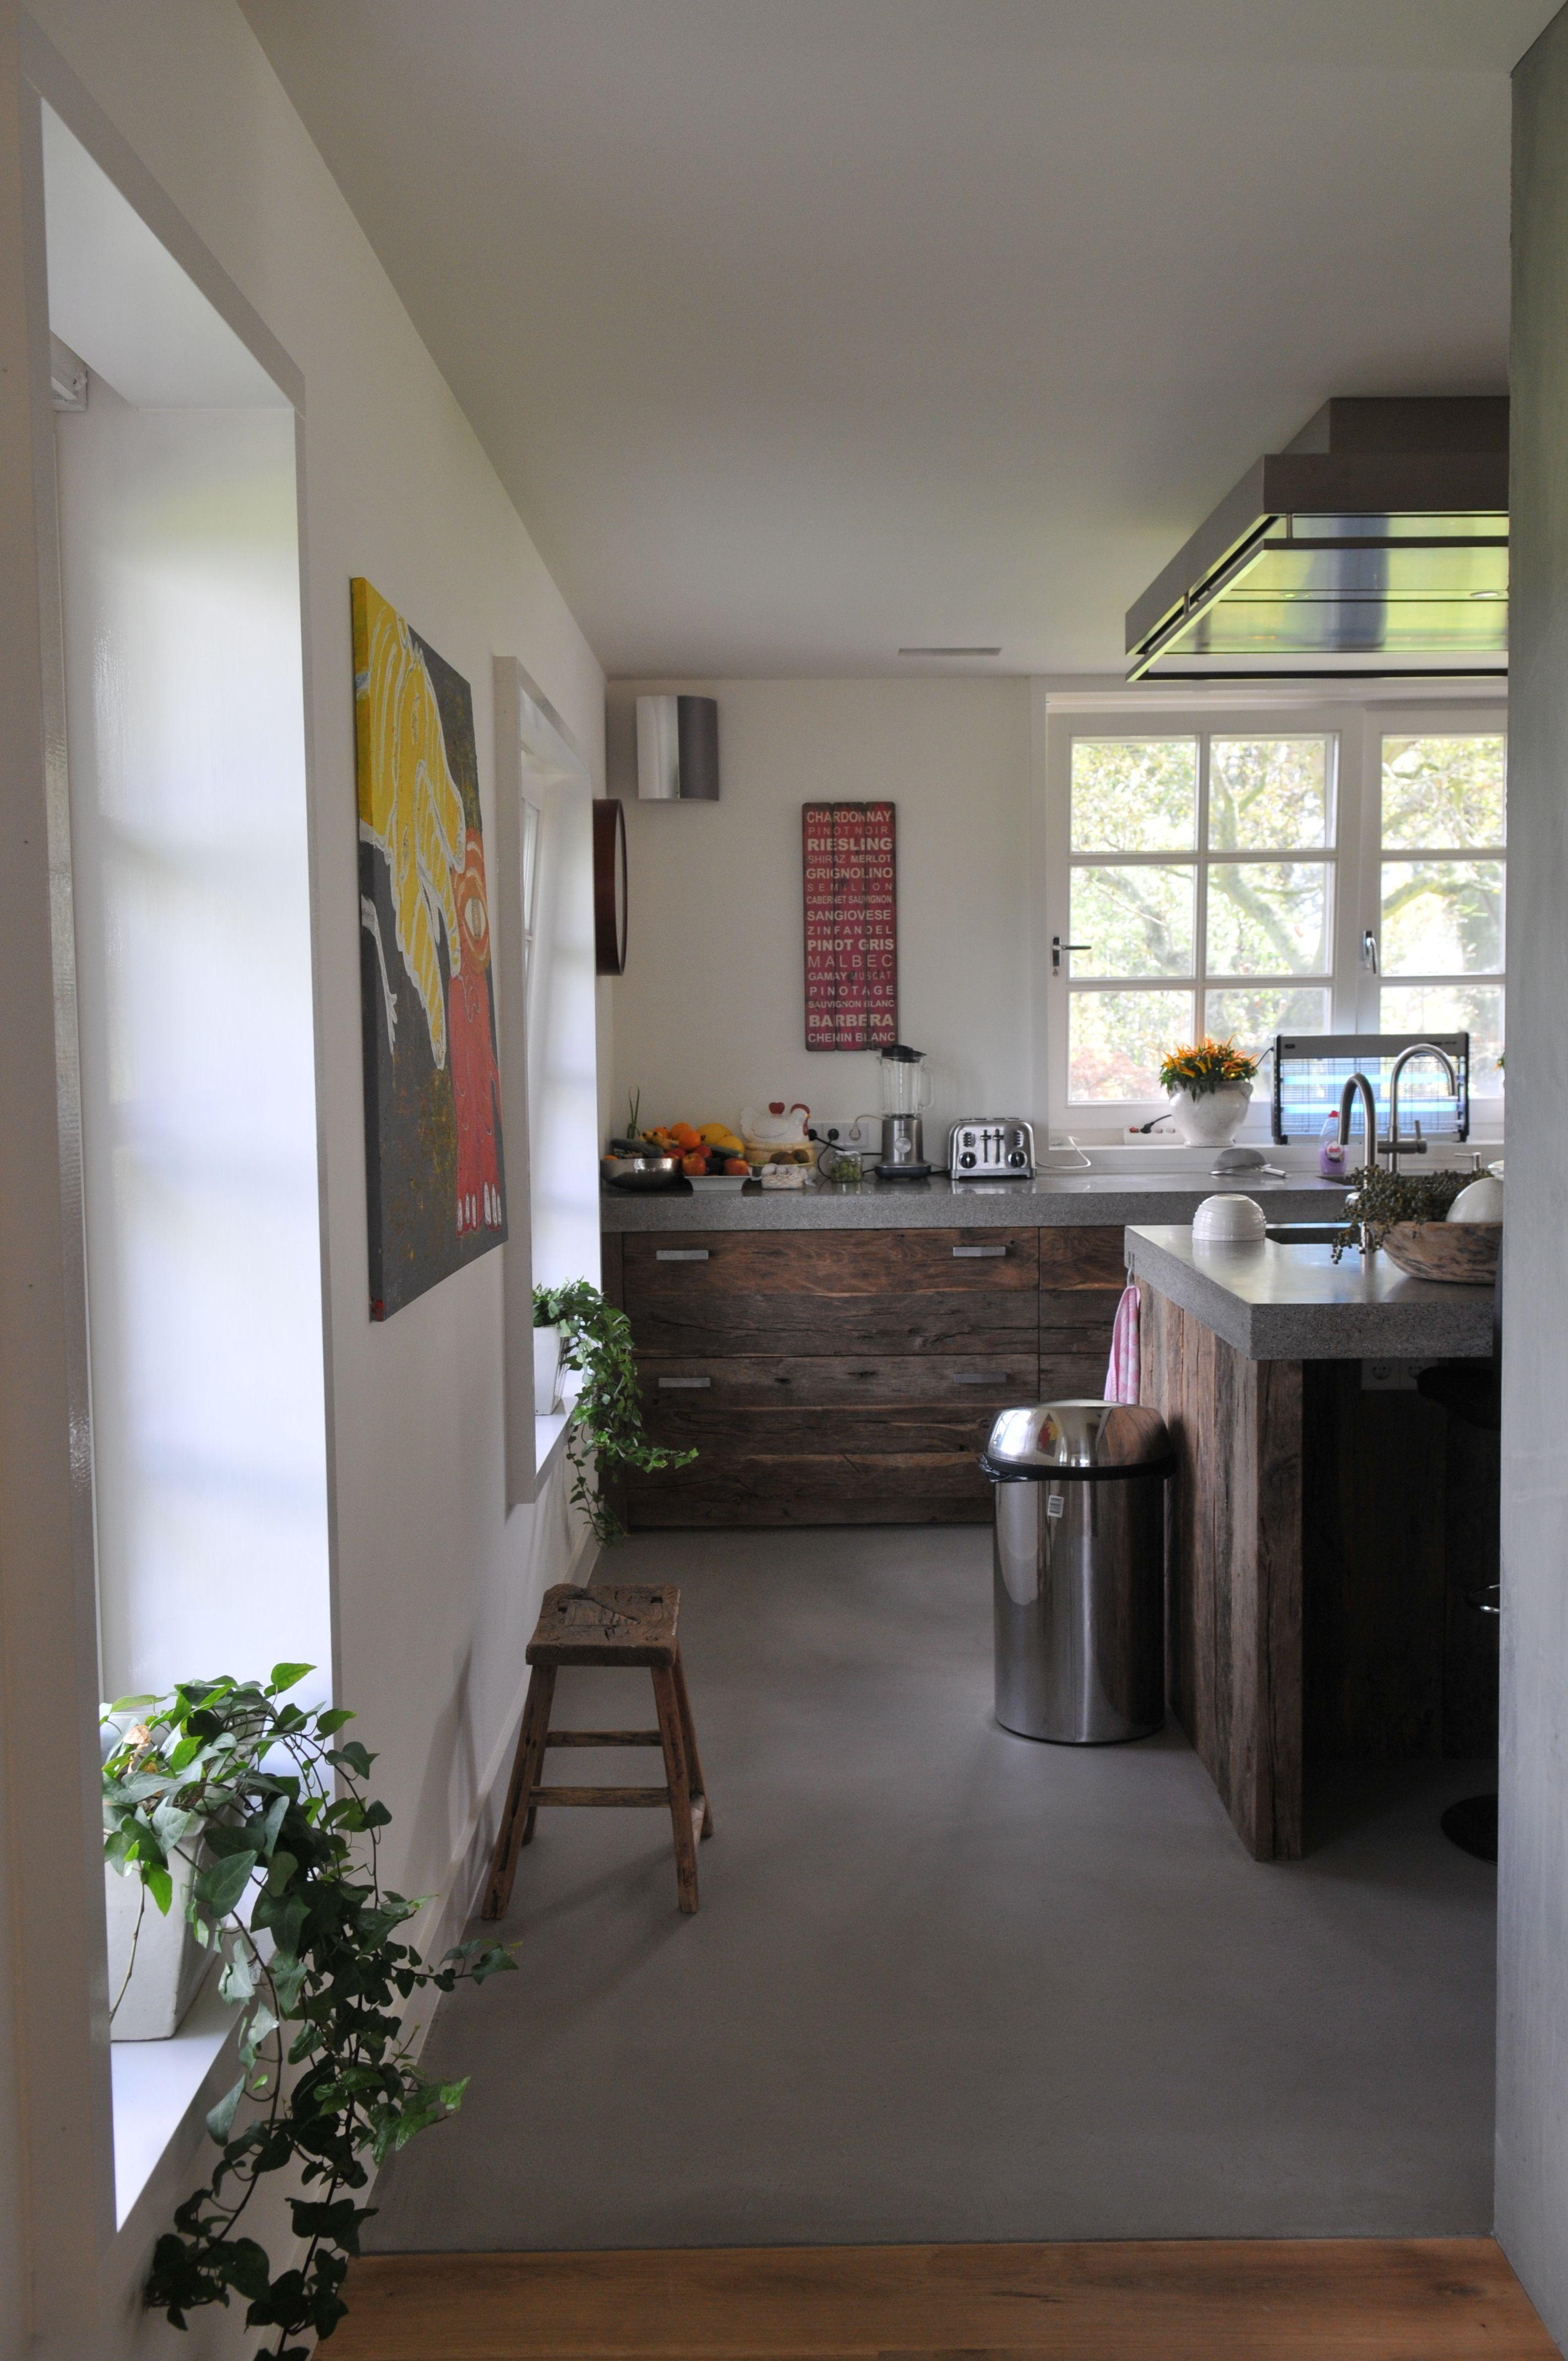 Küchendesign grau und weiß pin von katrin hardeland auf küchen  pinterest  kuchen